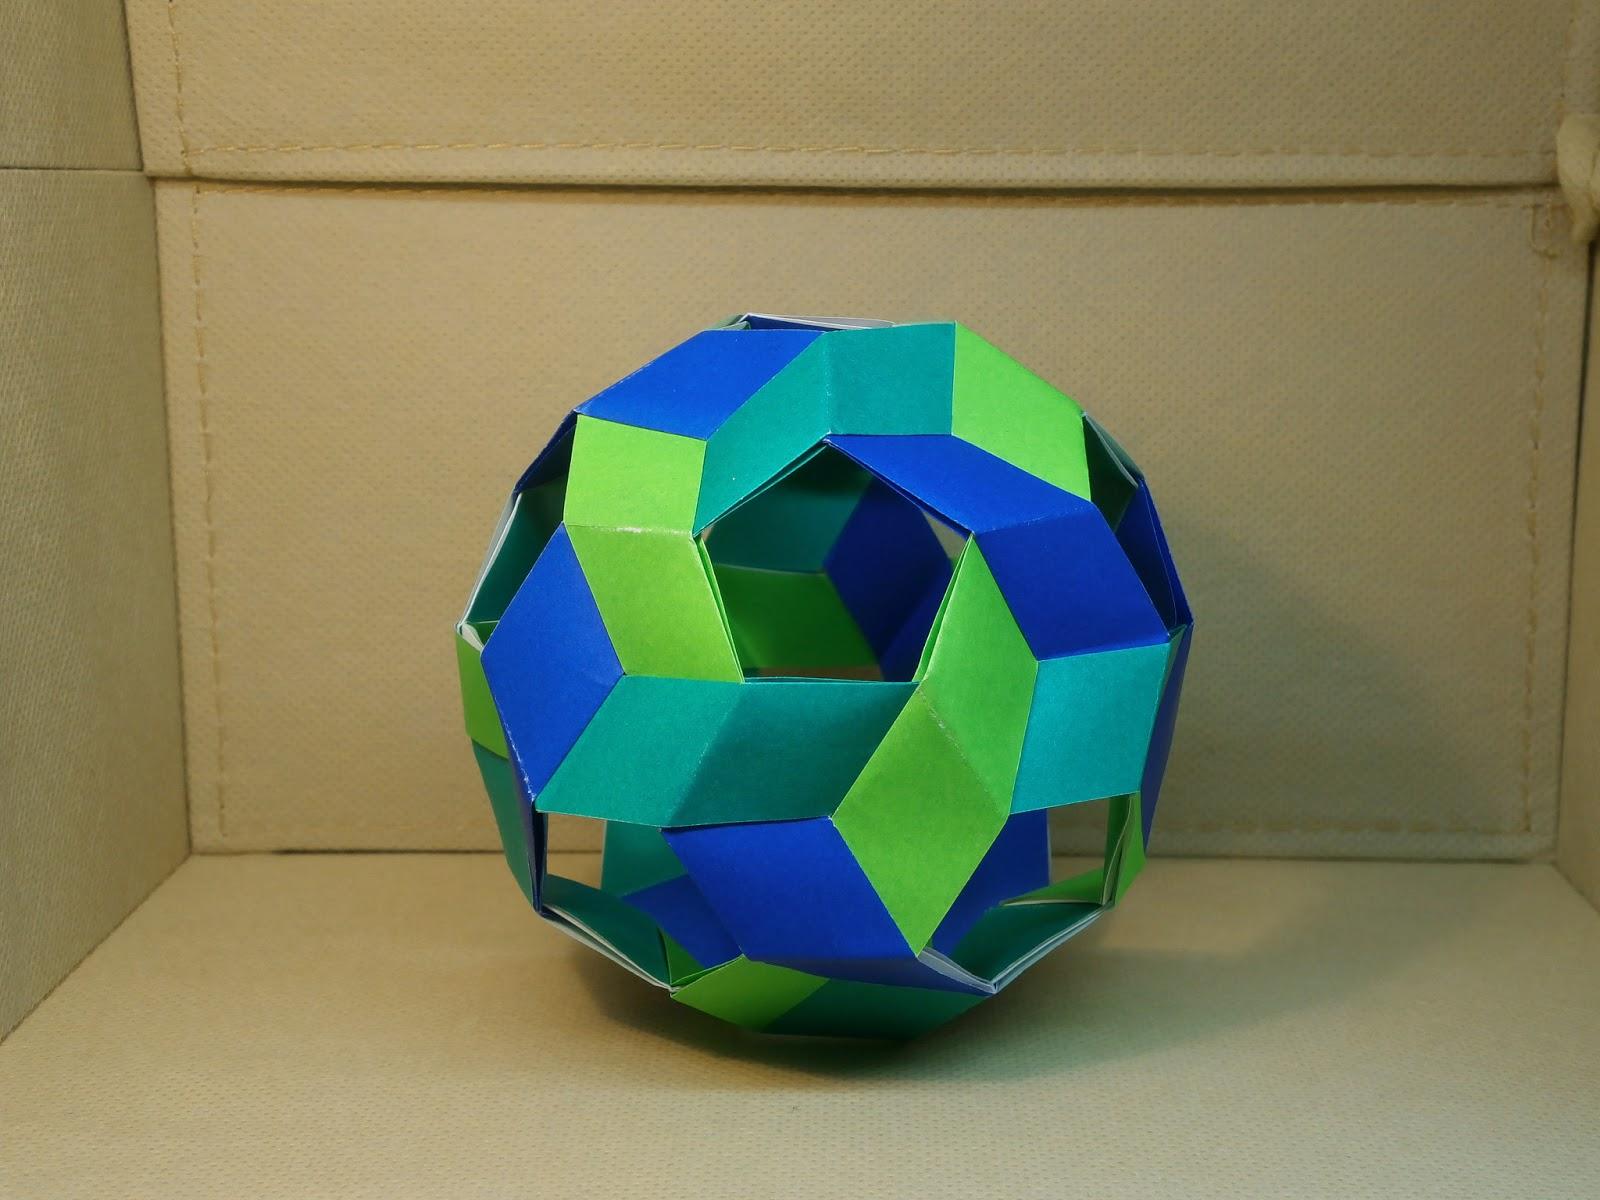 katakoto origami unit origami ball